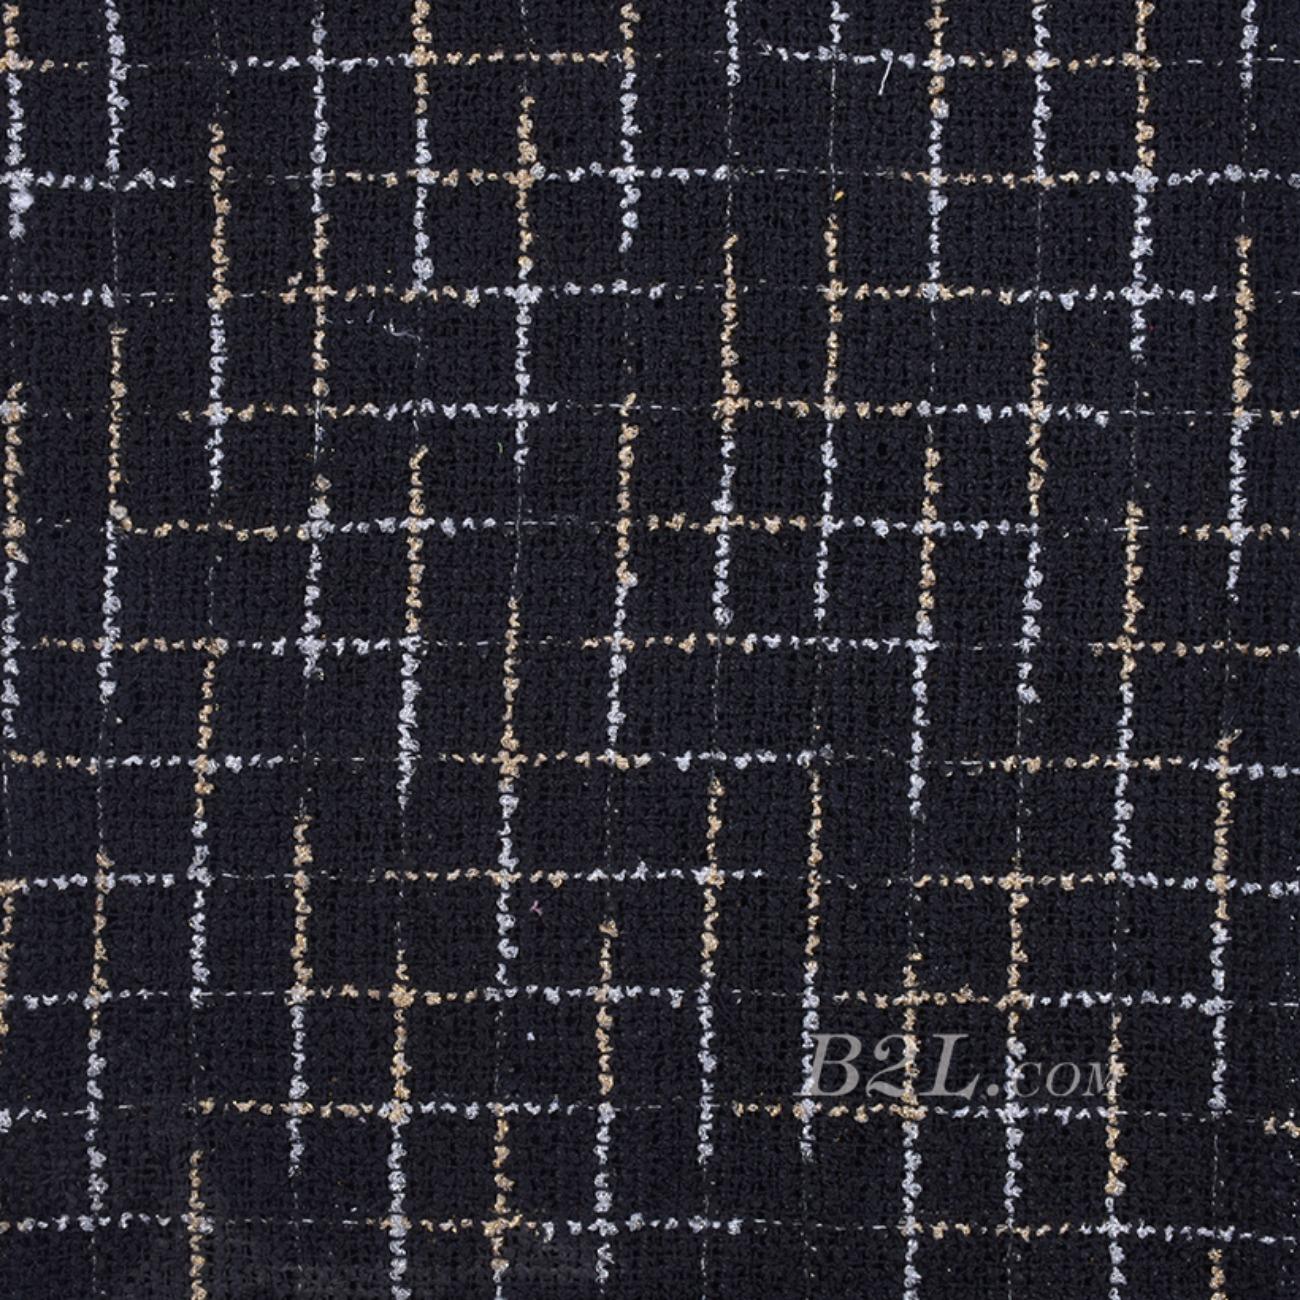 毛纺 粗纺 格子 全涤 提花 色织 无弹 粗糙 秋冬 大衣 外套 女装 80901-22